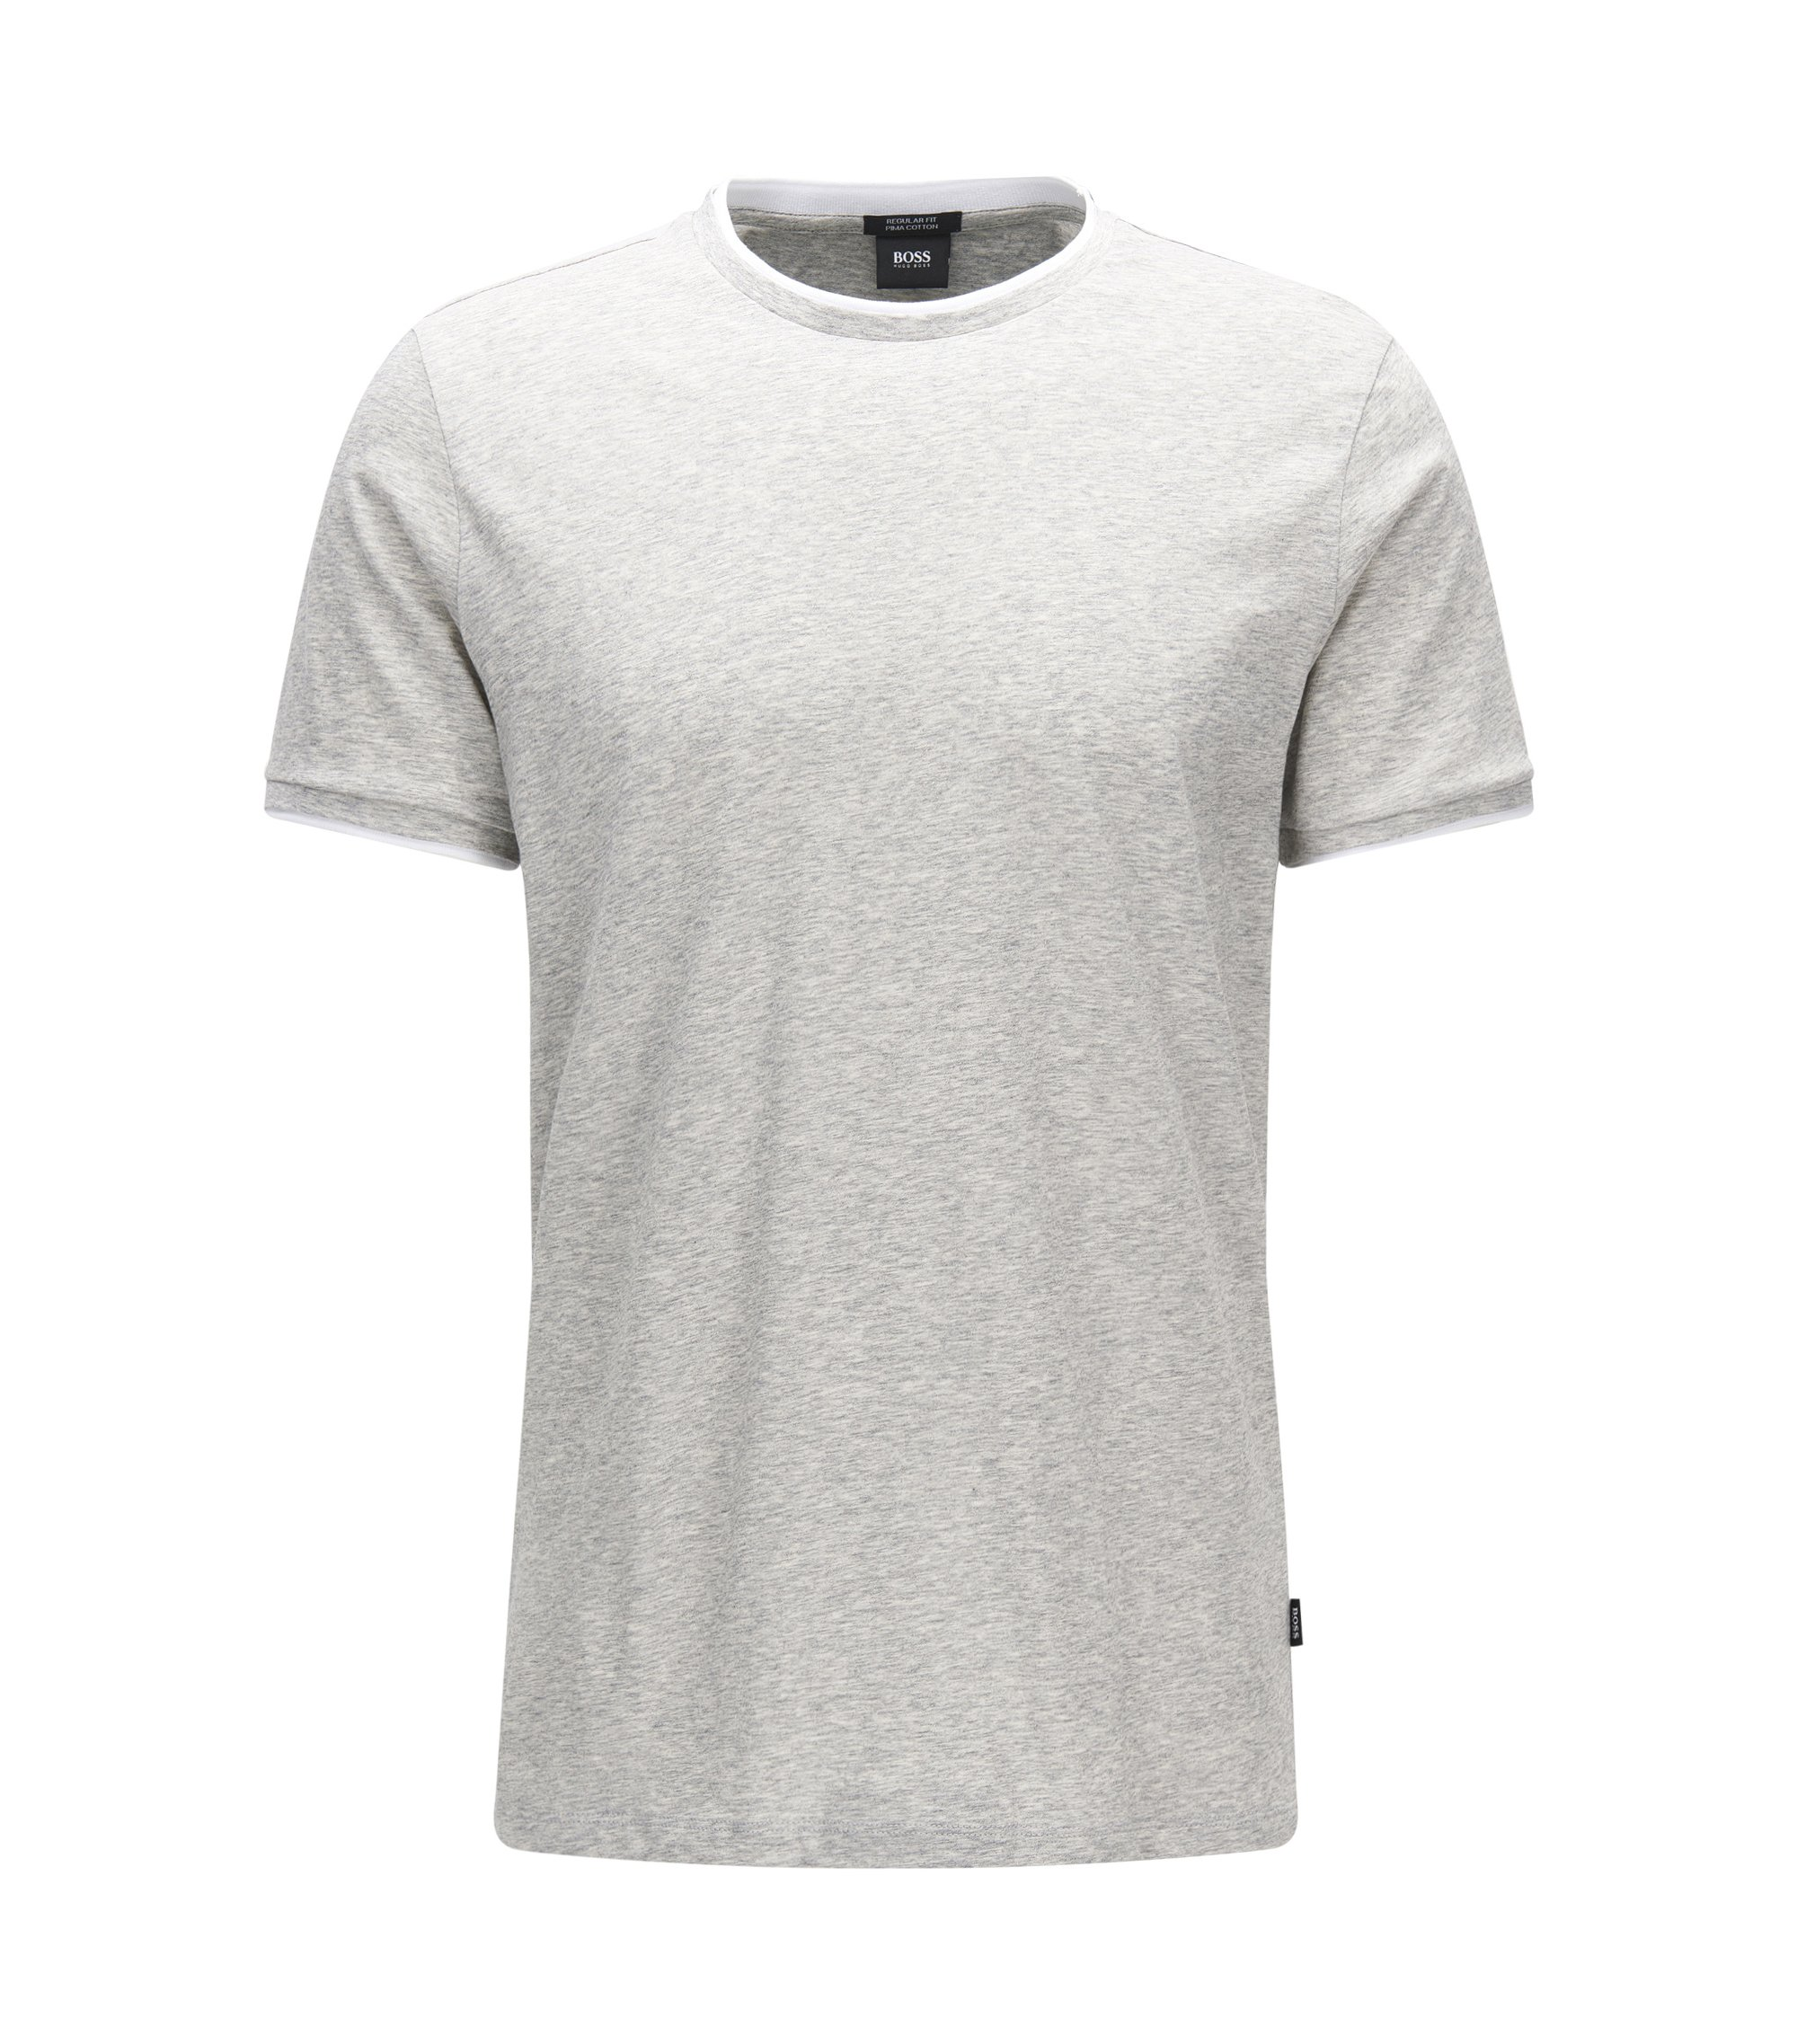 Relaxed-Fit T-Shirt aus Pima-Baumwolle im Lagen-Look, Hellgrau